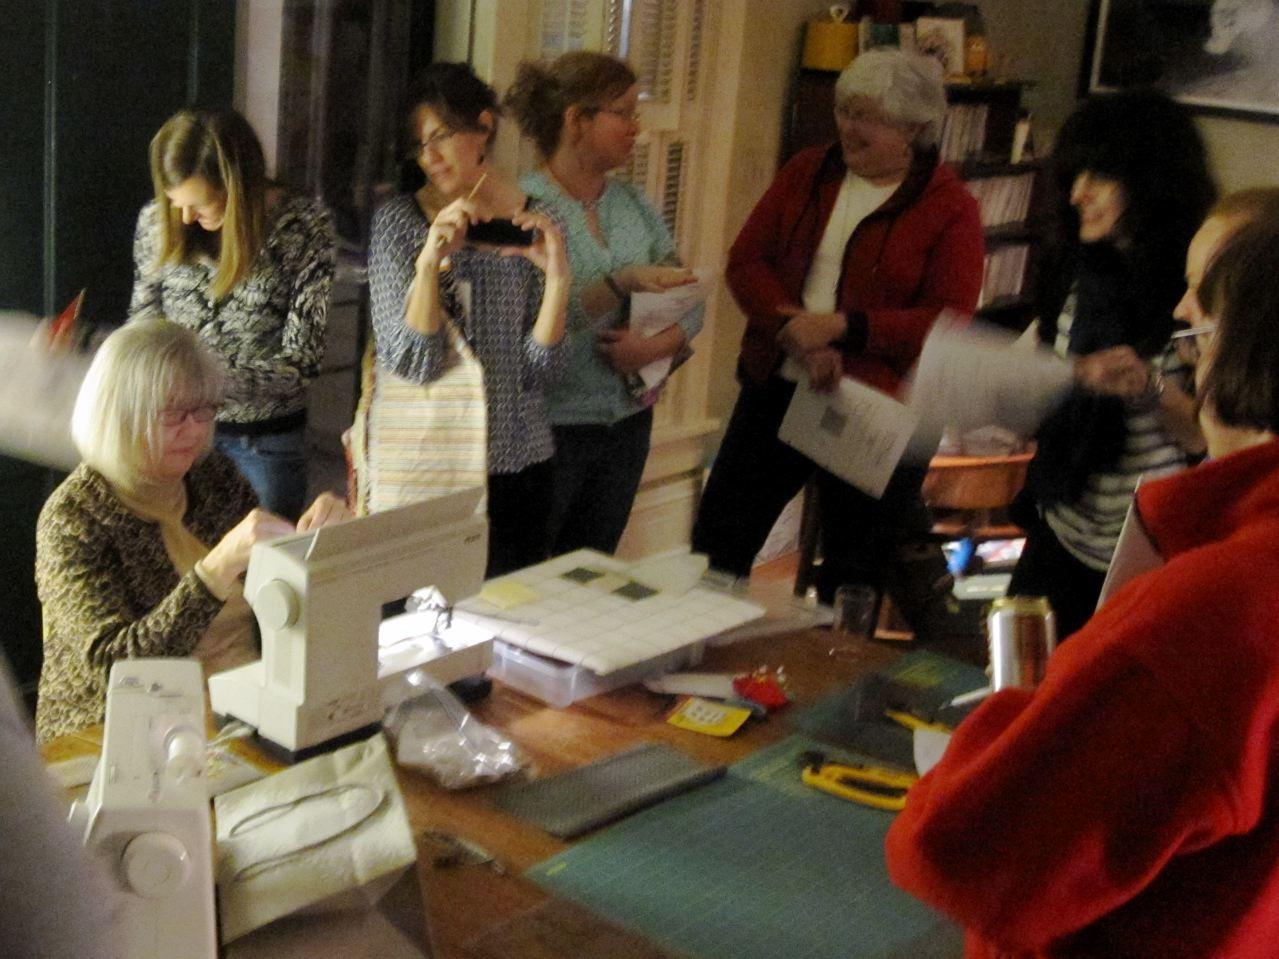 Sewing School: A Club of My Own